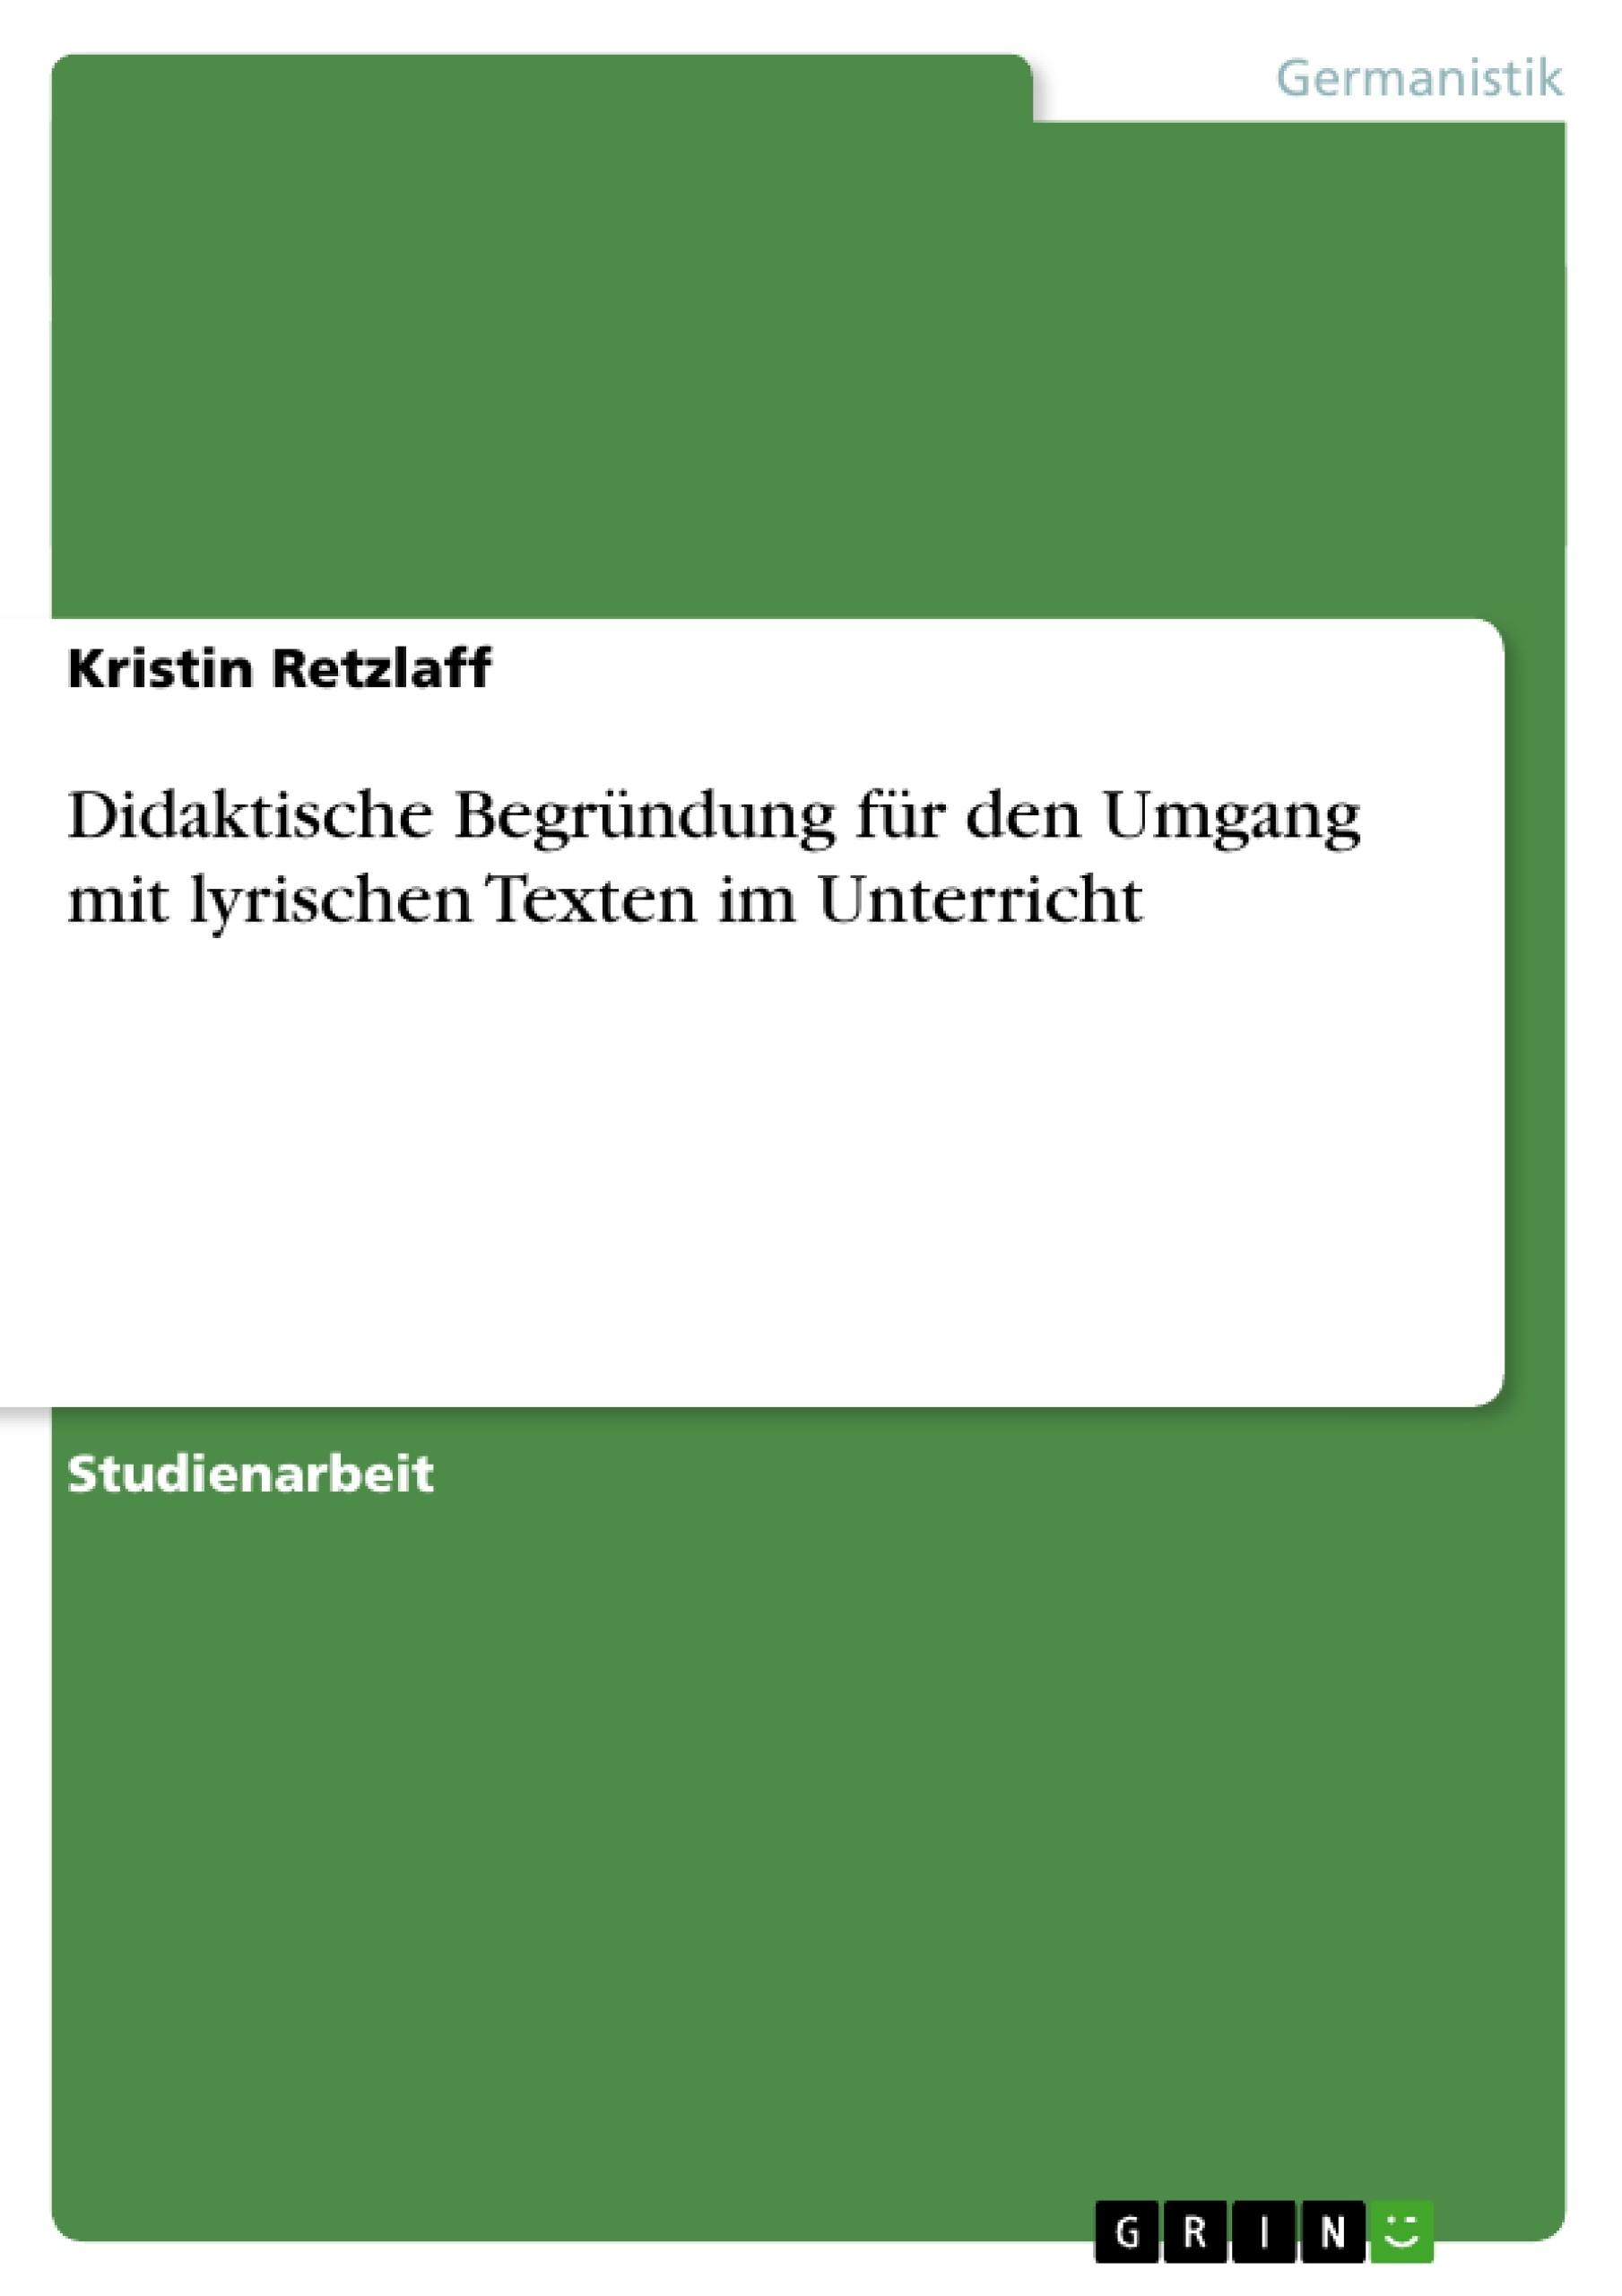 Titel: Didaktische Begründung für den Umgang mit lyrischen Texten im Unterricht